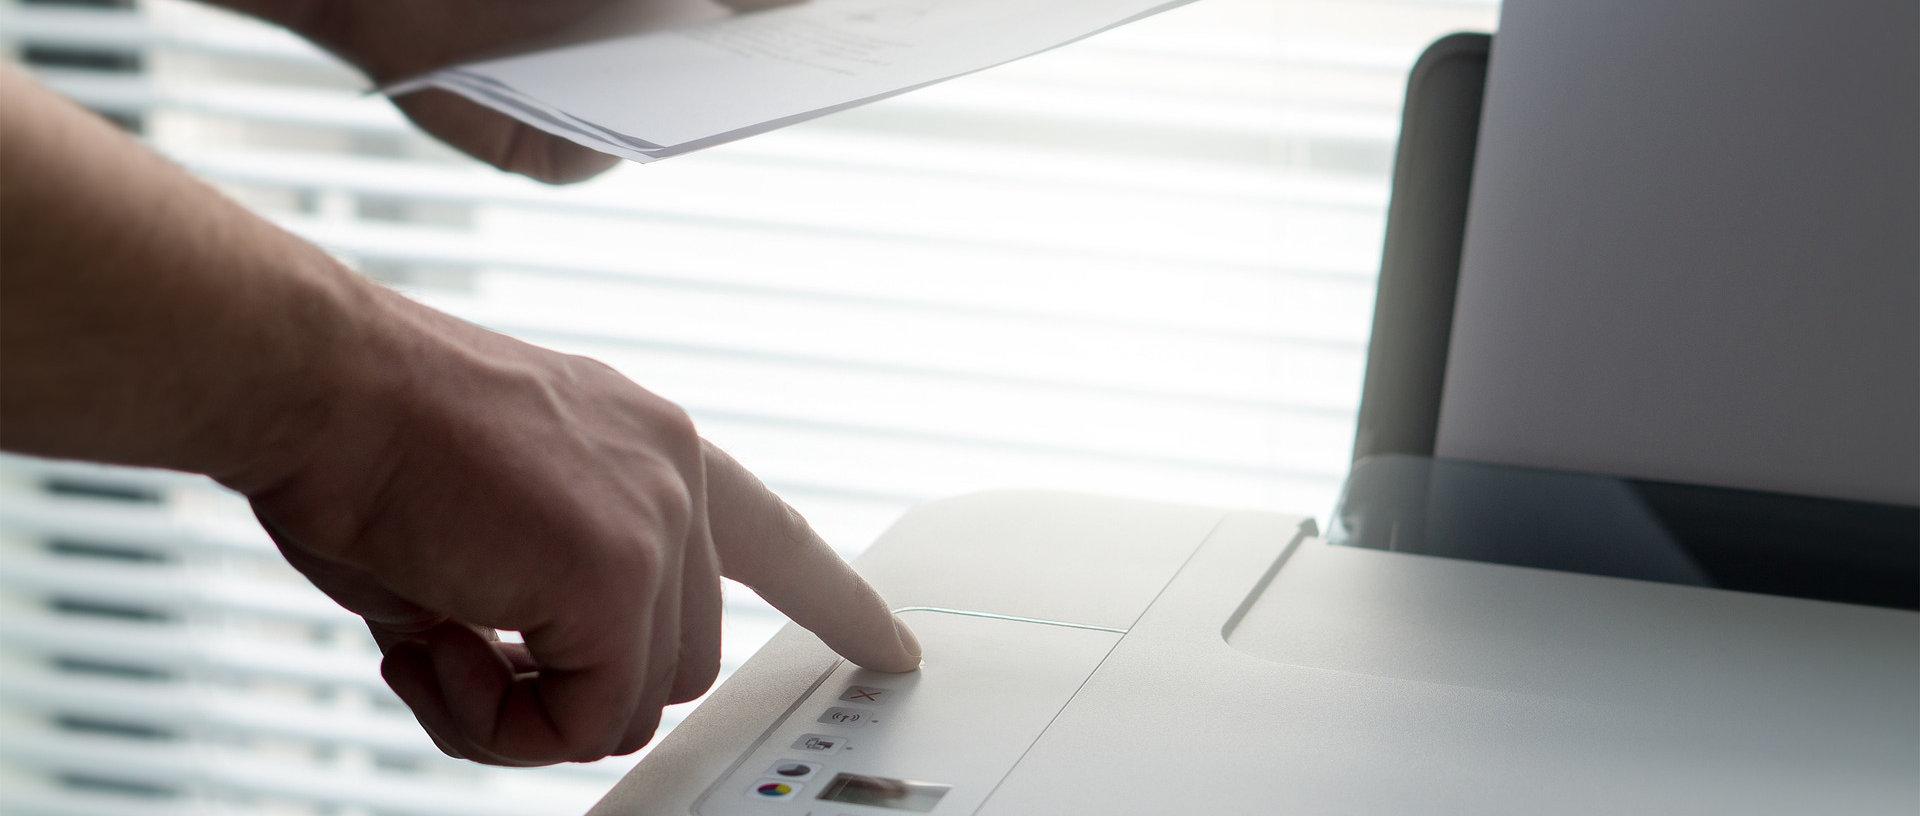 Fax-Software für personalisierte und automatisierte Faxe